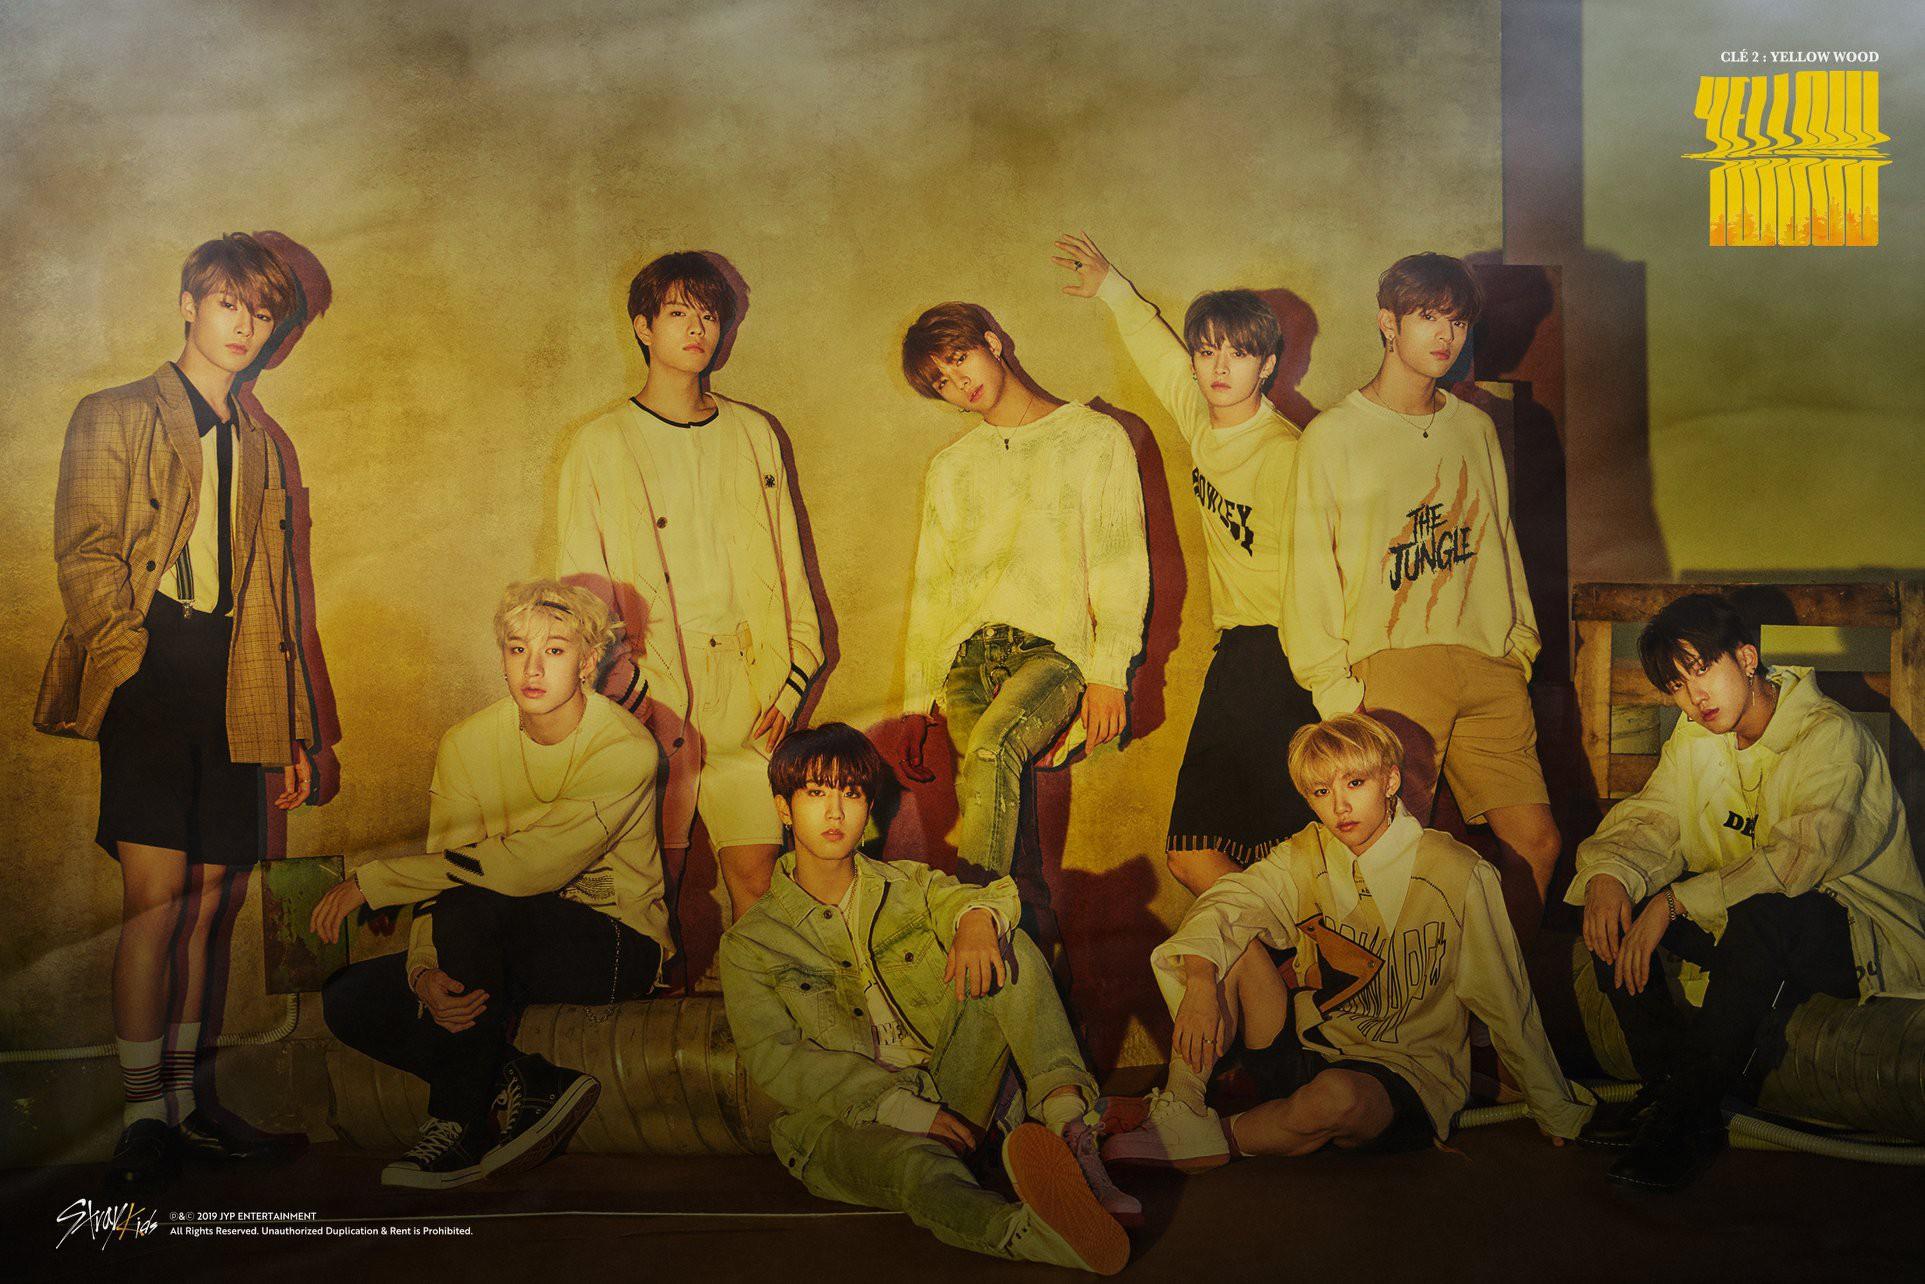 Red Velvet tung thính đầu tiên: Hình ảnh nhìn là thấy hè, tên bài chủ đề xoắn lưỡi được spoil từ trước - Ảnh 5.